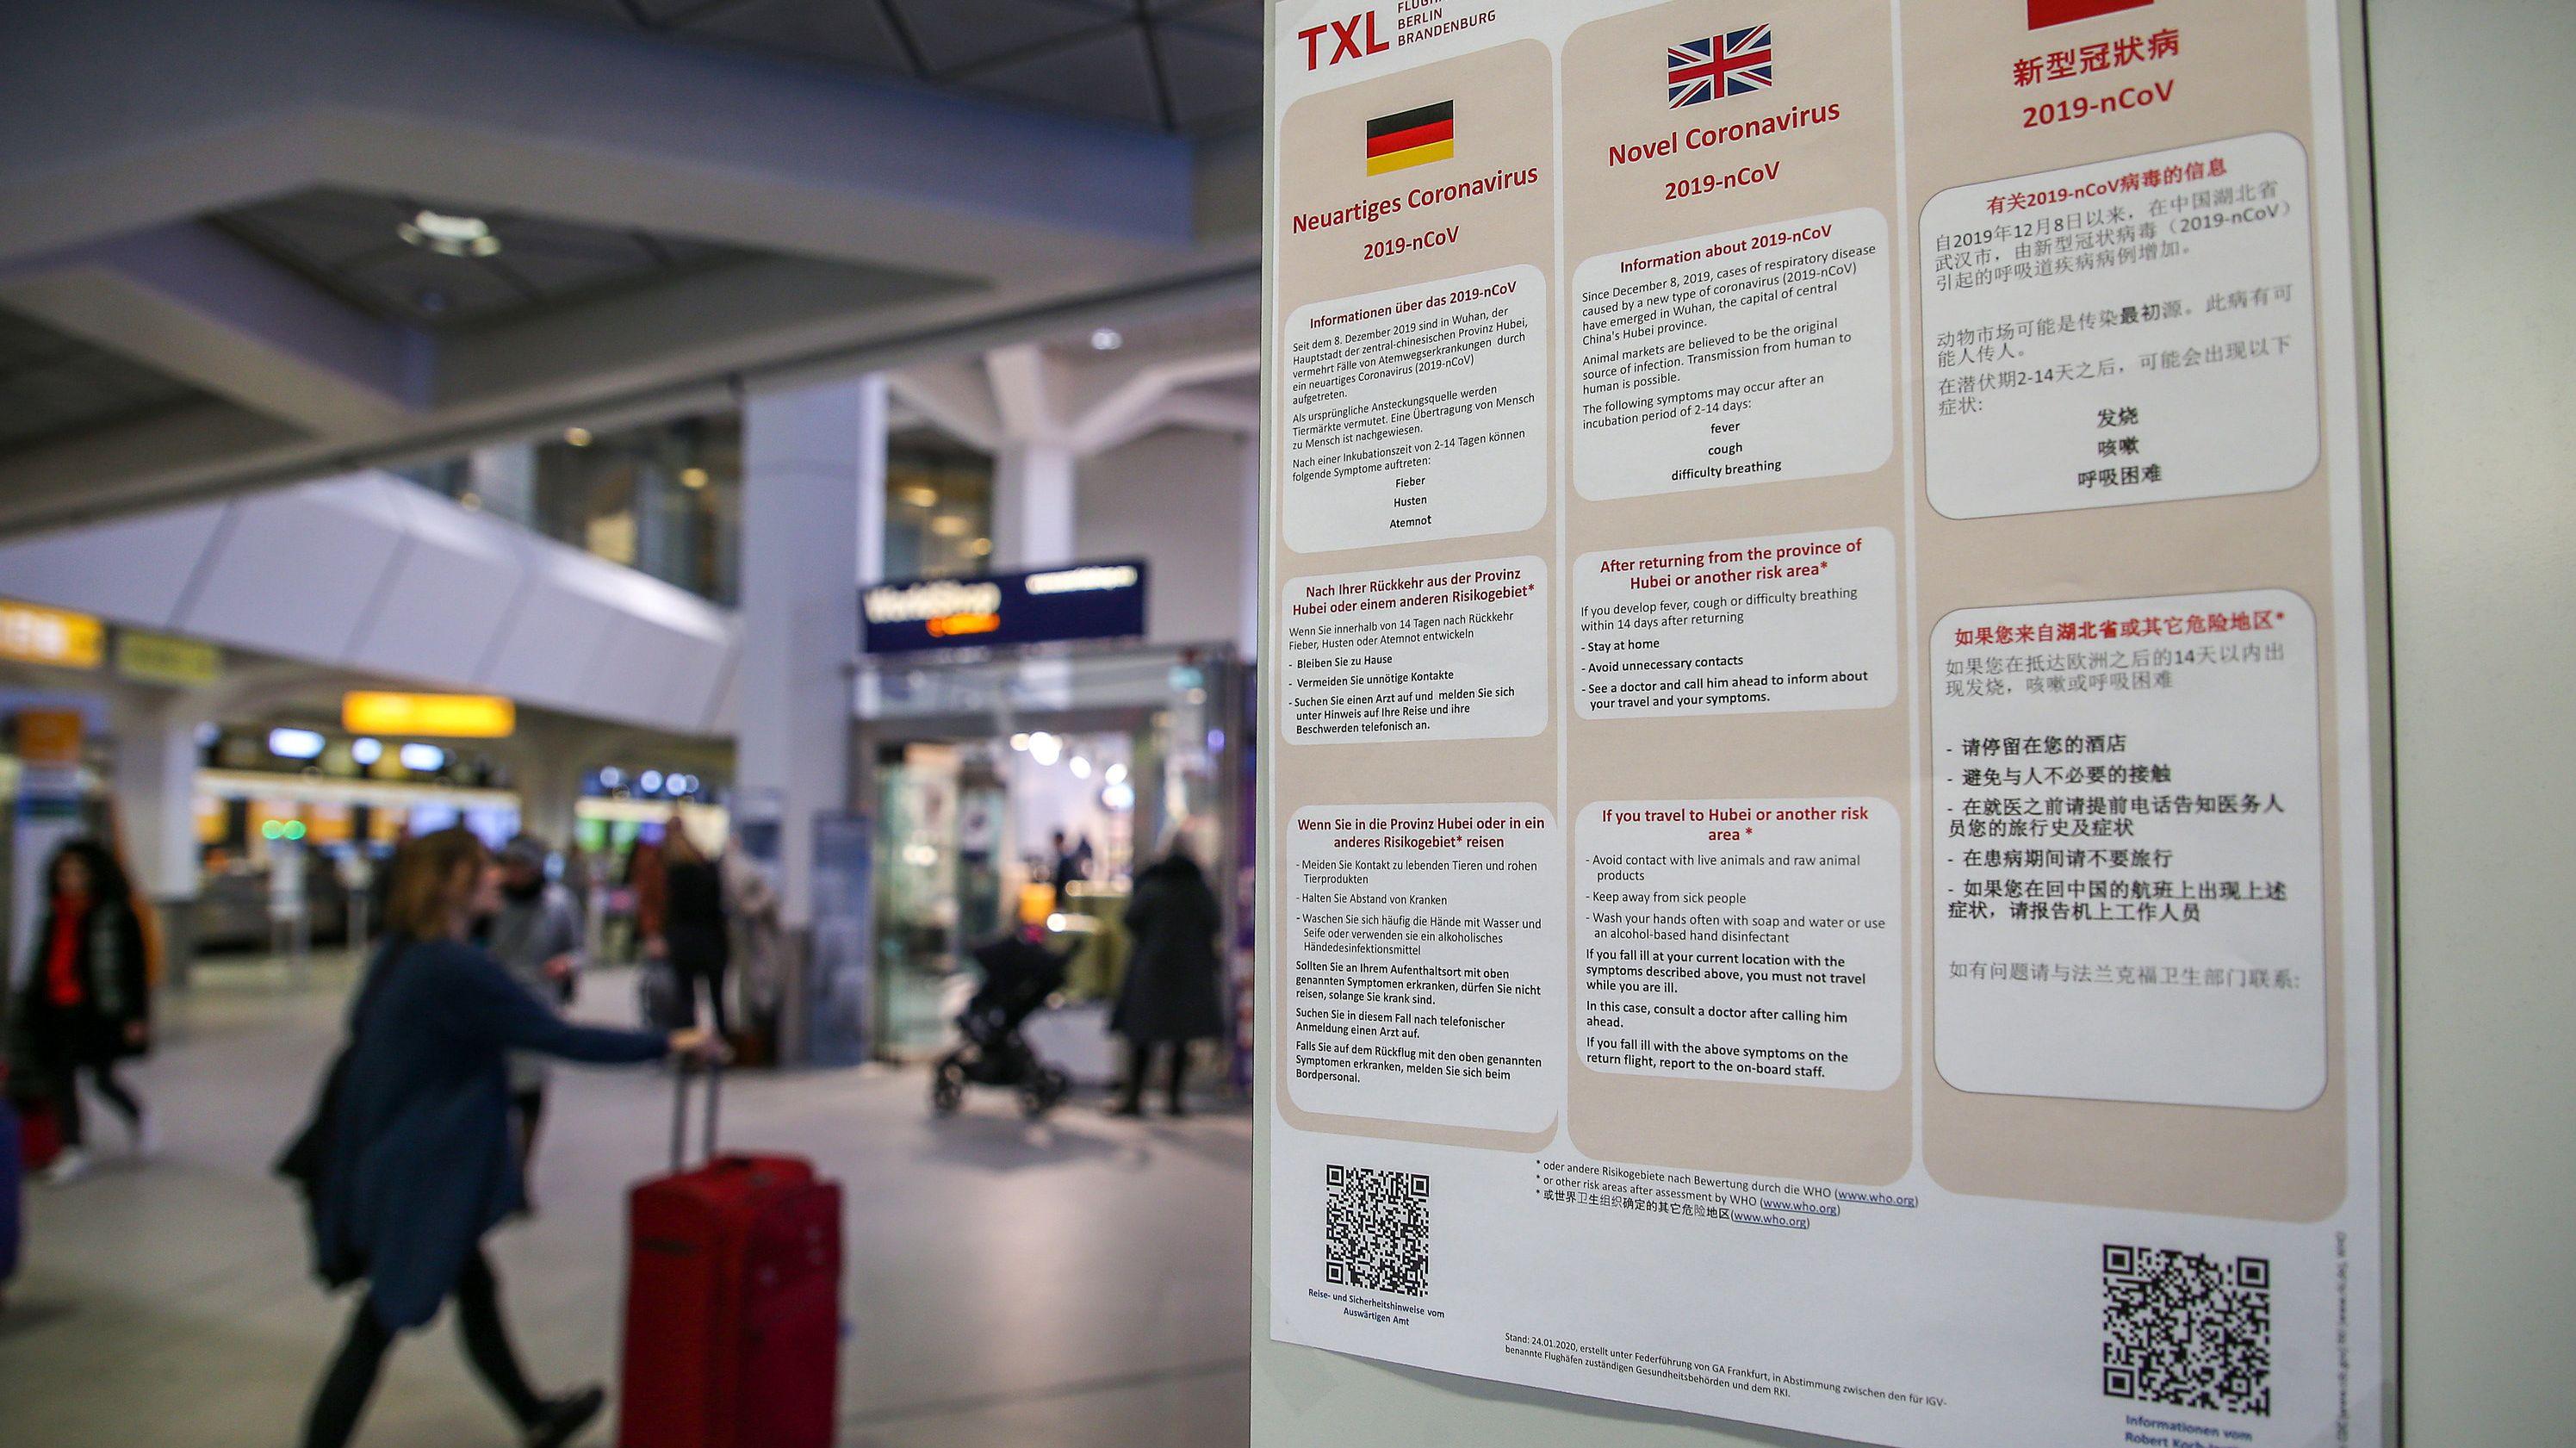 Plakate am Flughafen Tegel weisen auf die Gefährdung durch den Coronavirus hin.